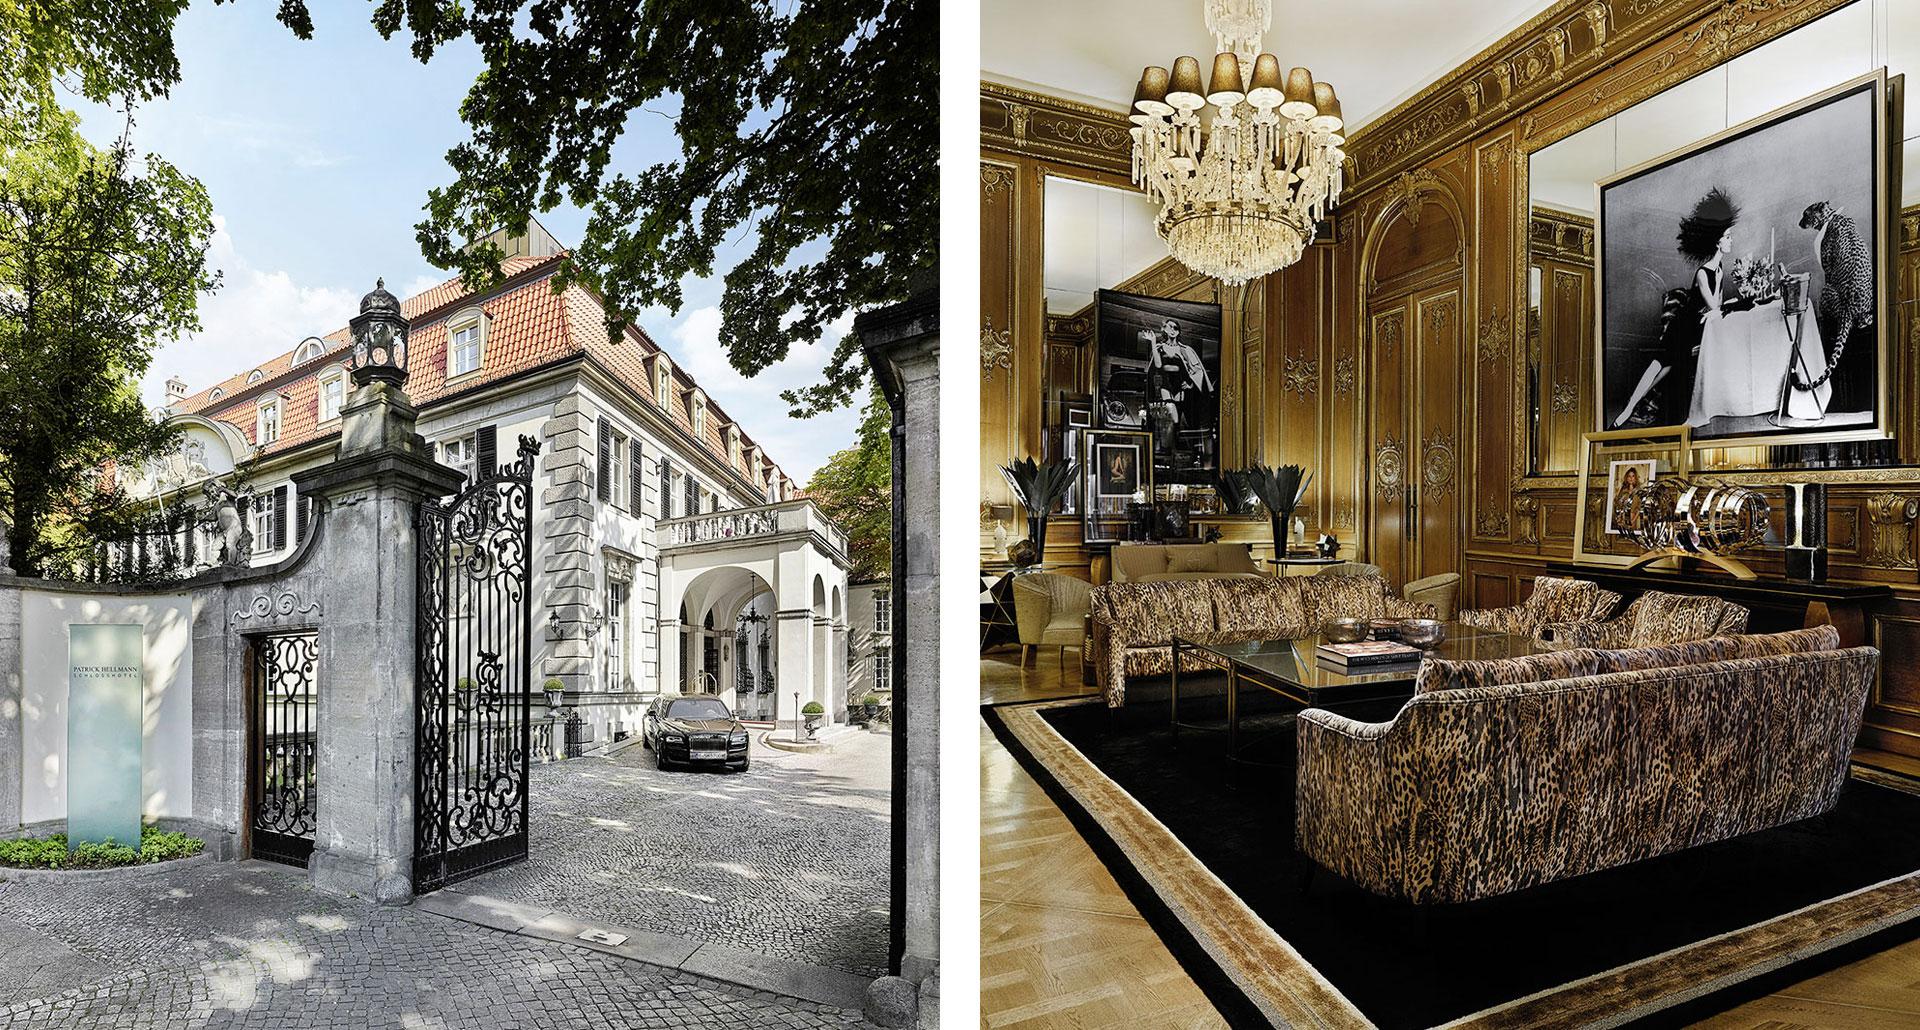 Patrick Hellmann Schlosshotel - boutique hotel in Berlin